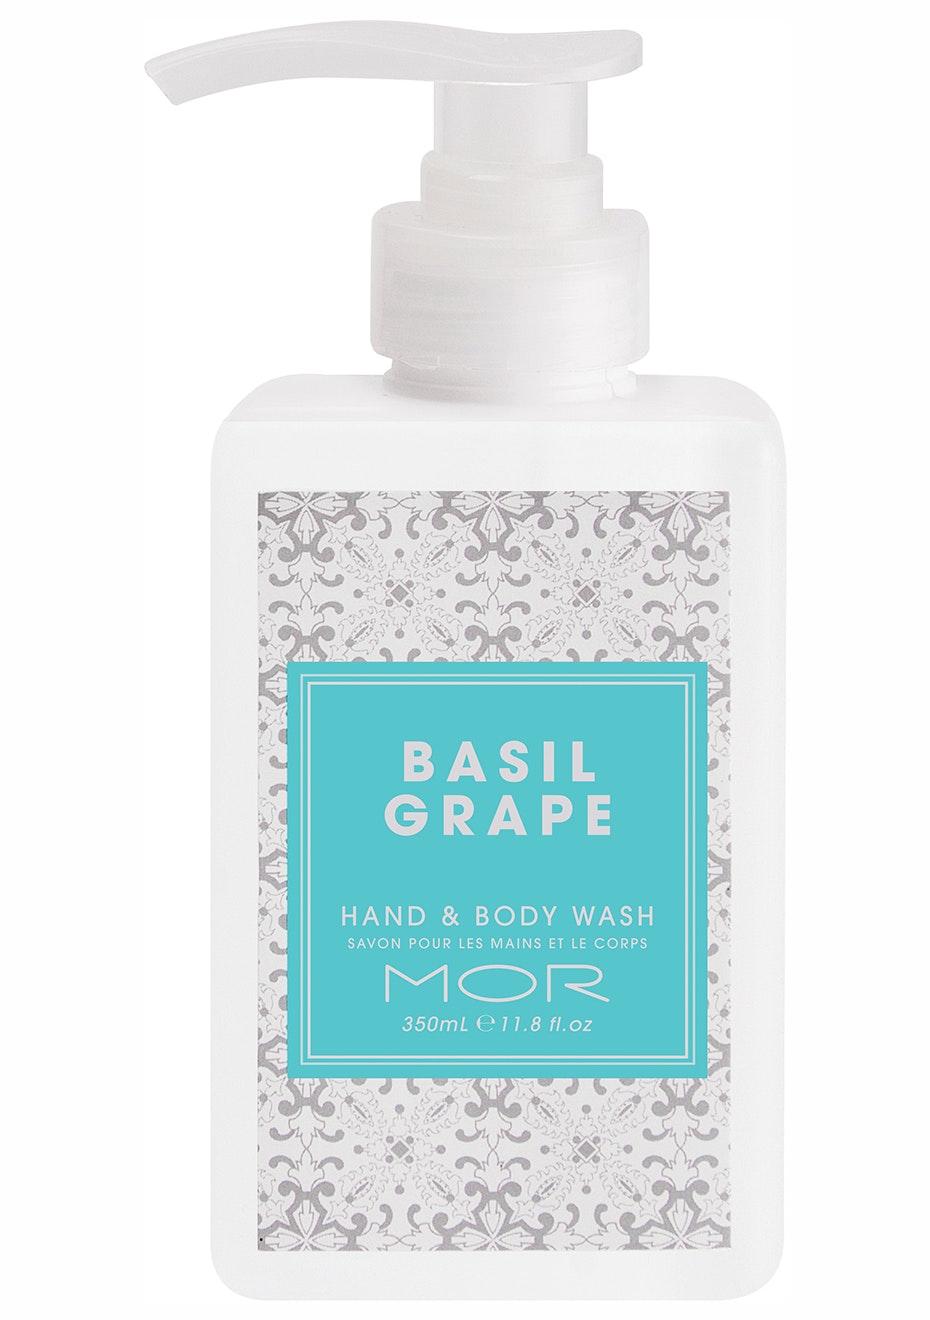 MOR - Hand & Body Wash 350ml Basil Grape